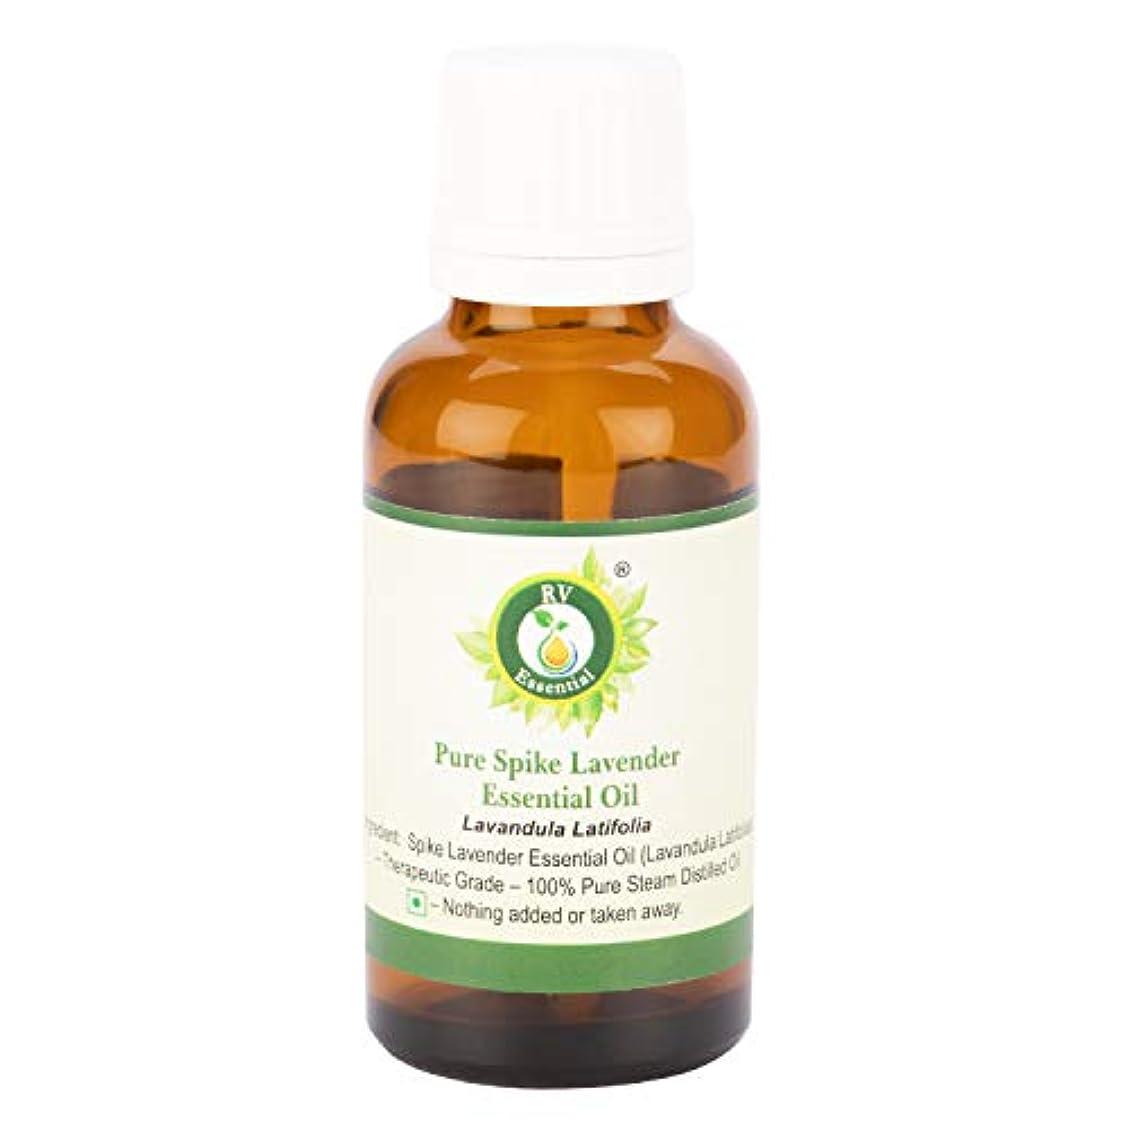 ホバートファーザーファージュリンケージ純粋なスパイクラベンダーエッセンシャルオイル630ml (21oz)- Lavandula Latifolia (100%純粋&天然スチームDistilled) Pure Spike Lavender Essential...